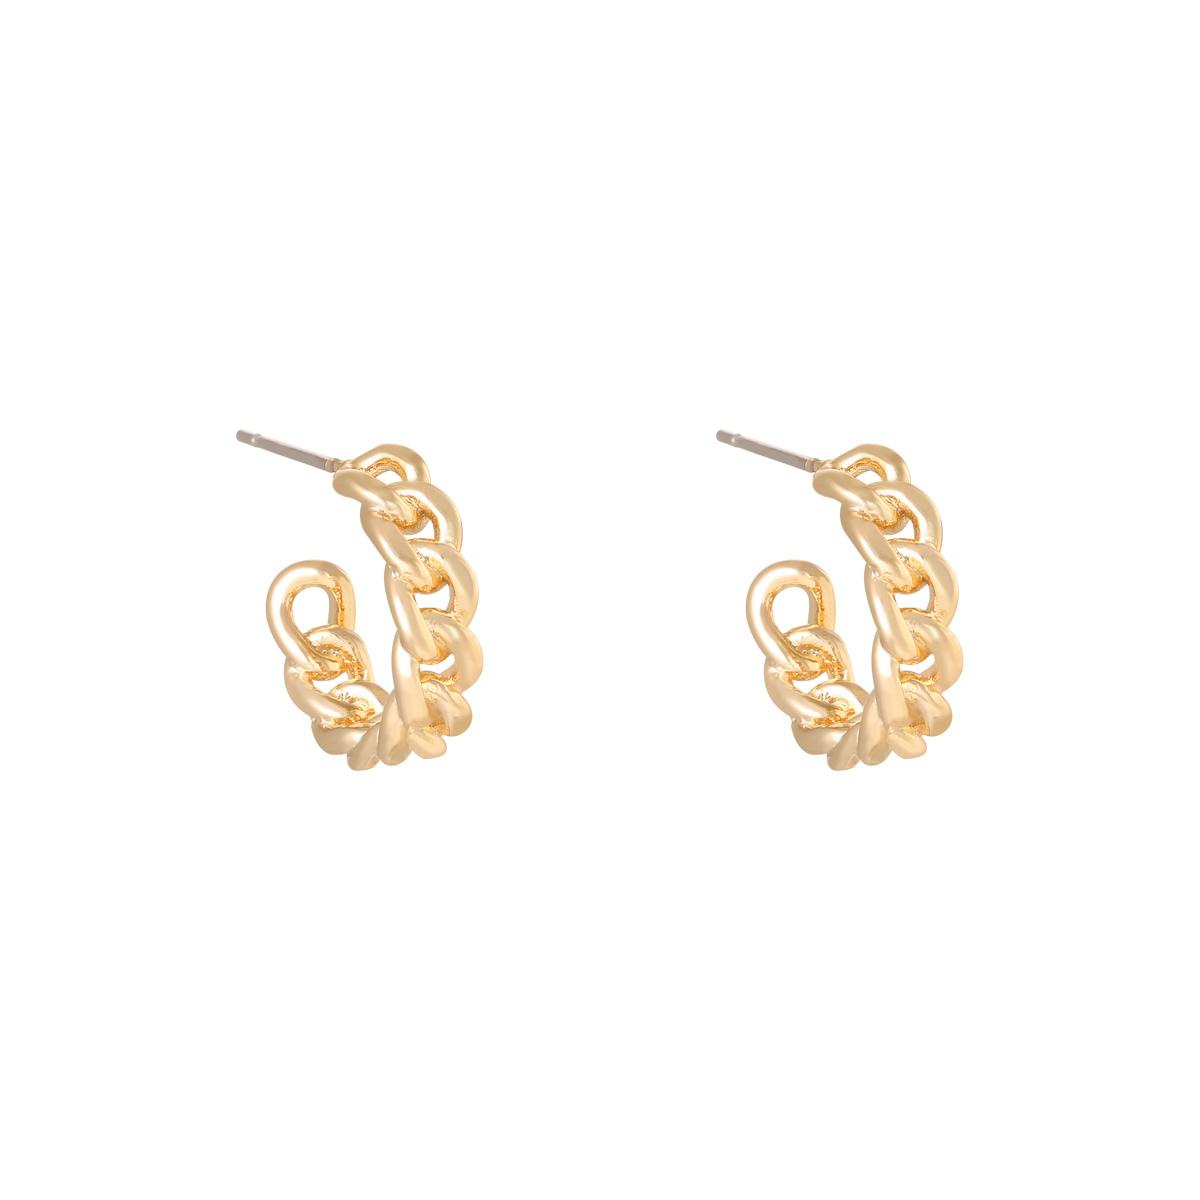 Boucles d'oreilles Classy Chain